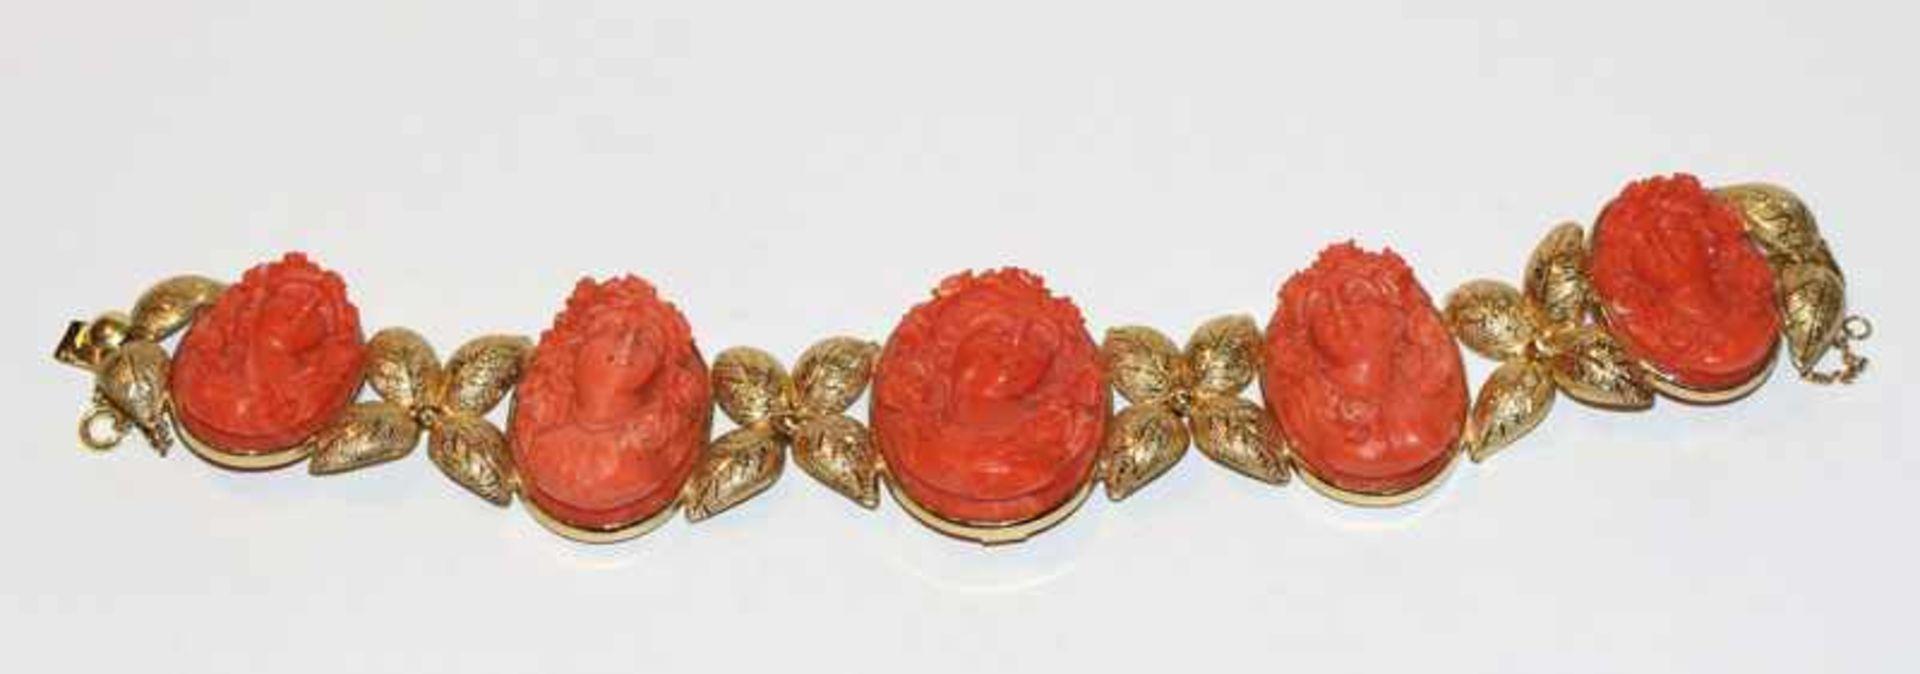 Dekoratives 18 k Gelbgold Armband in Form von plastischen Blättern, fein graviert, und mit 5 fein